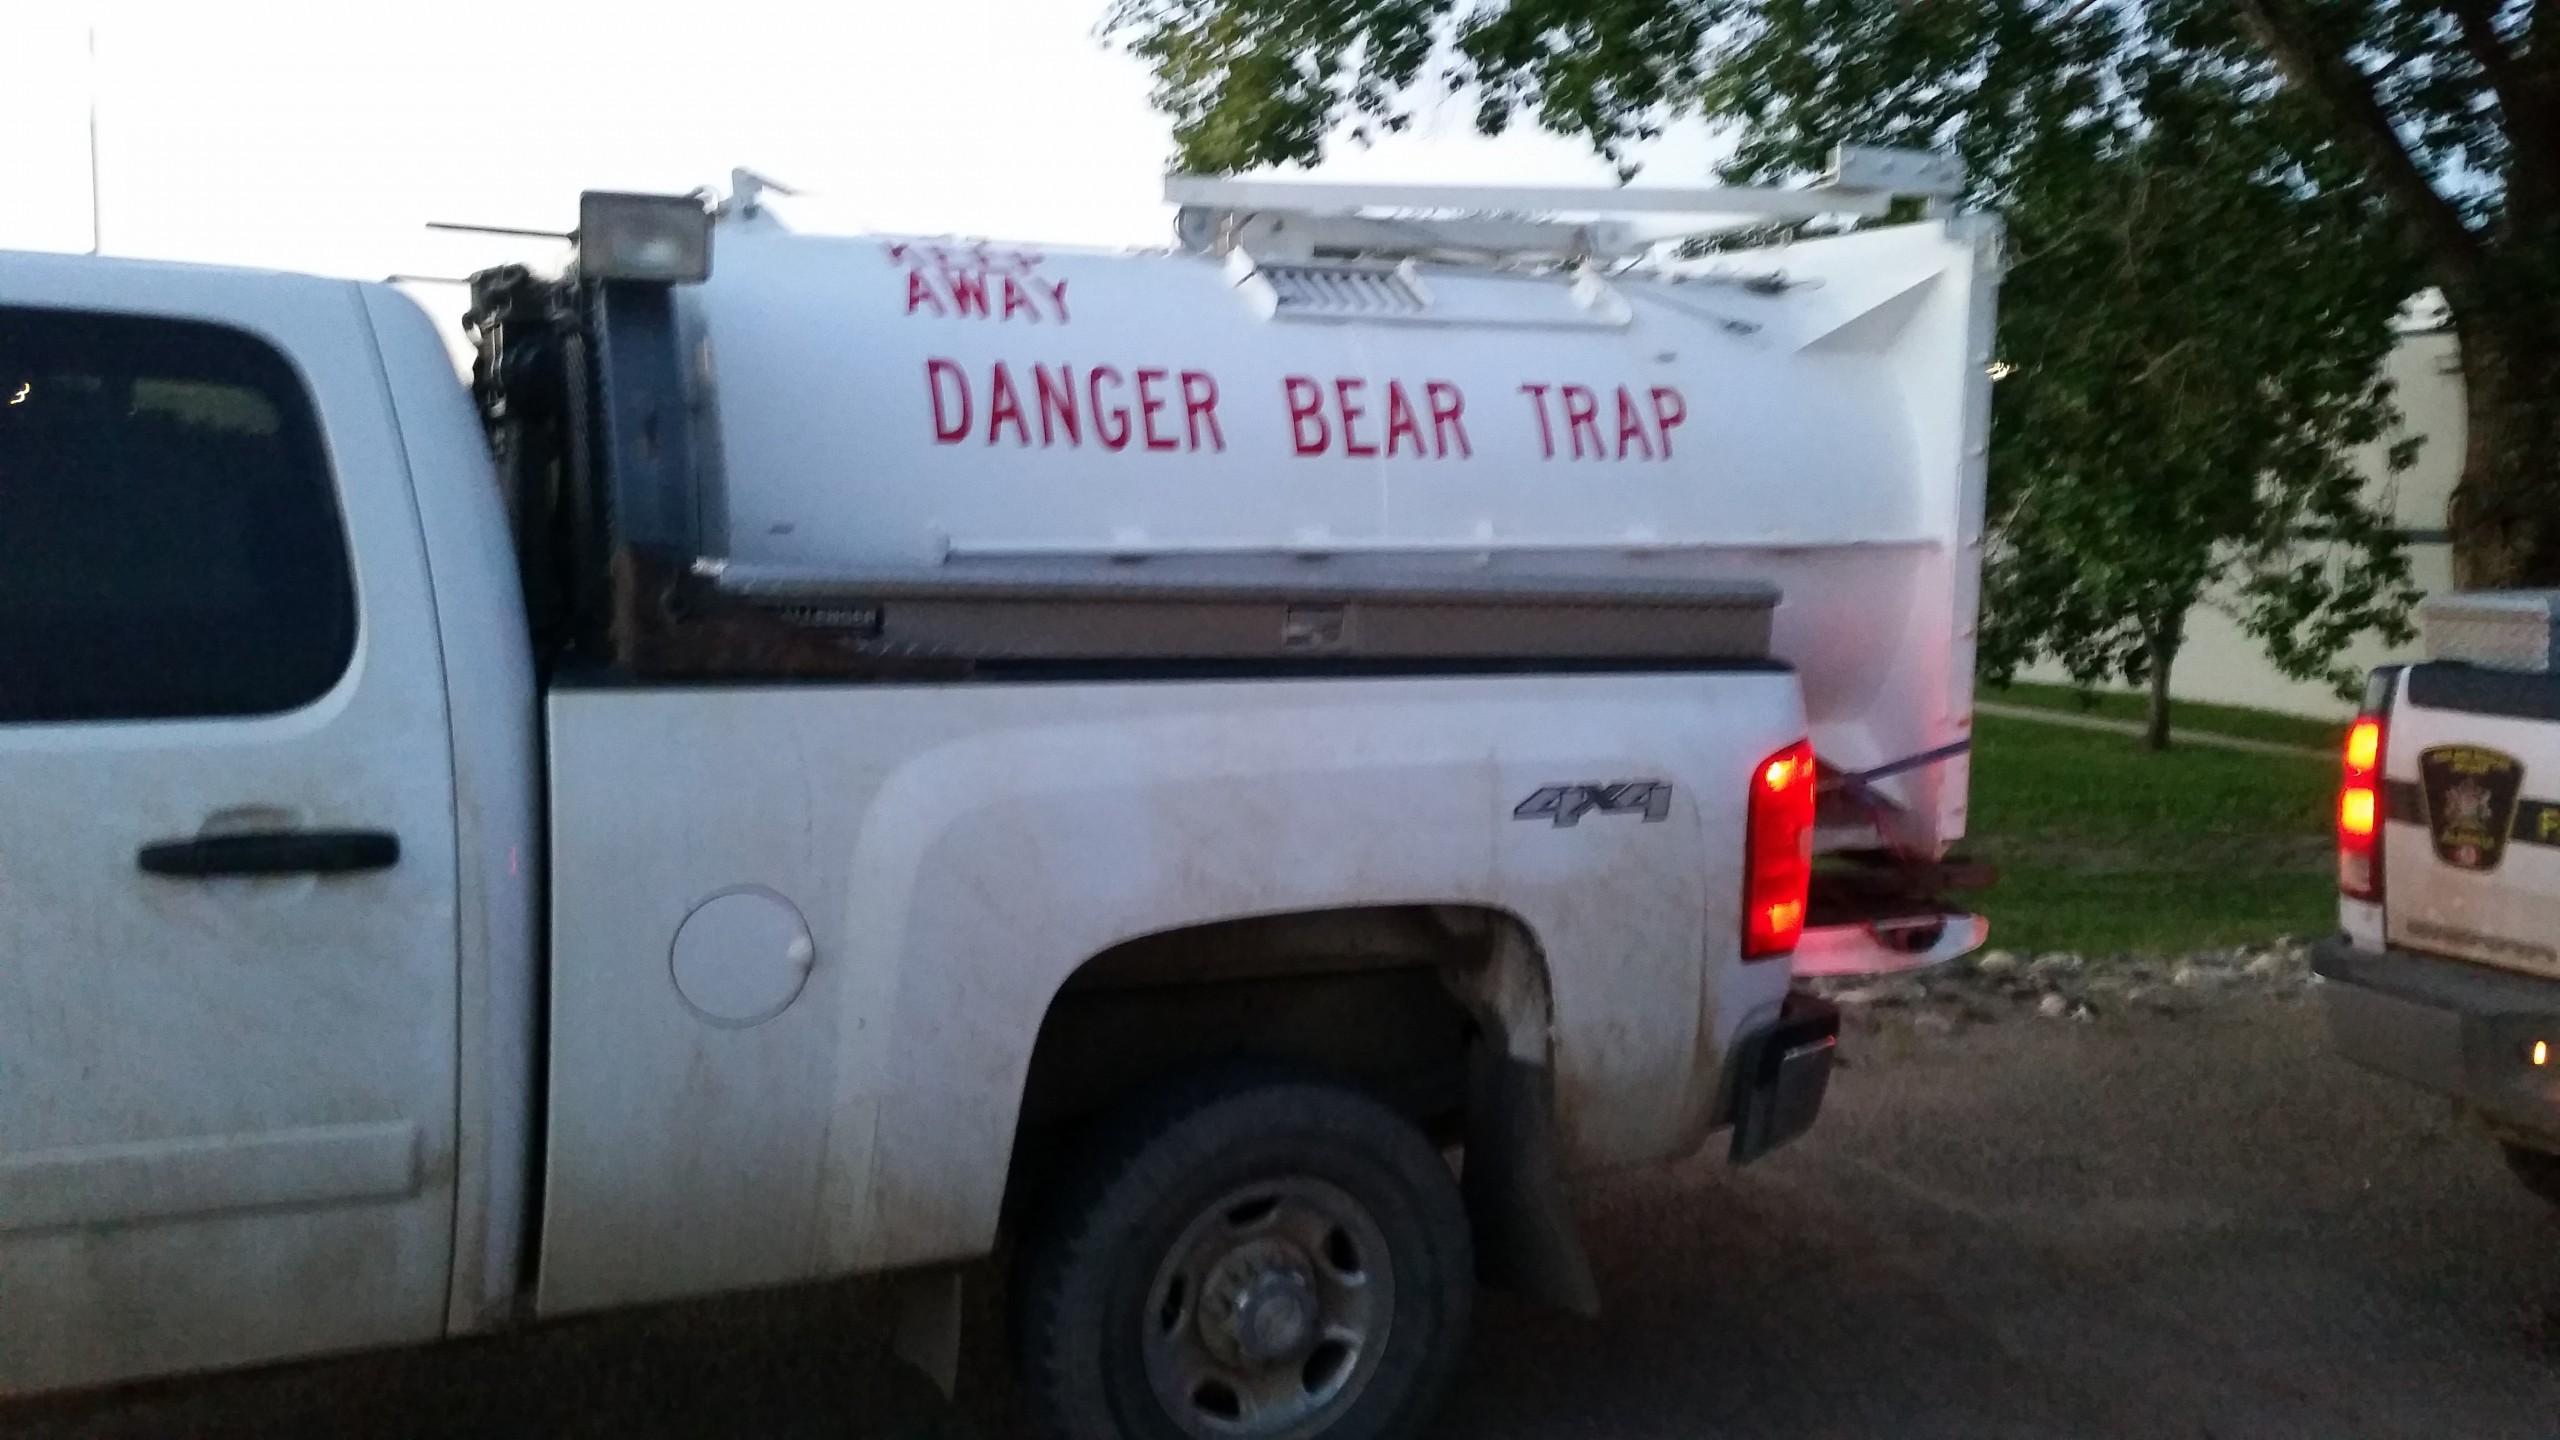 Fully grown black bear found injured in parking garage